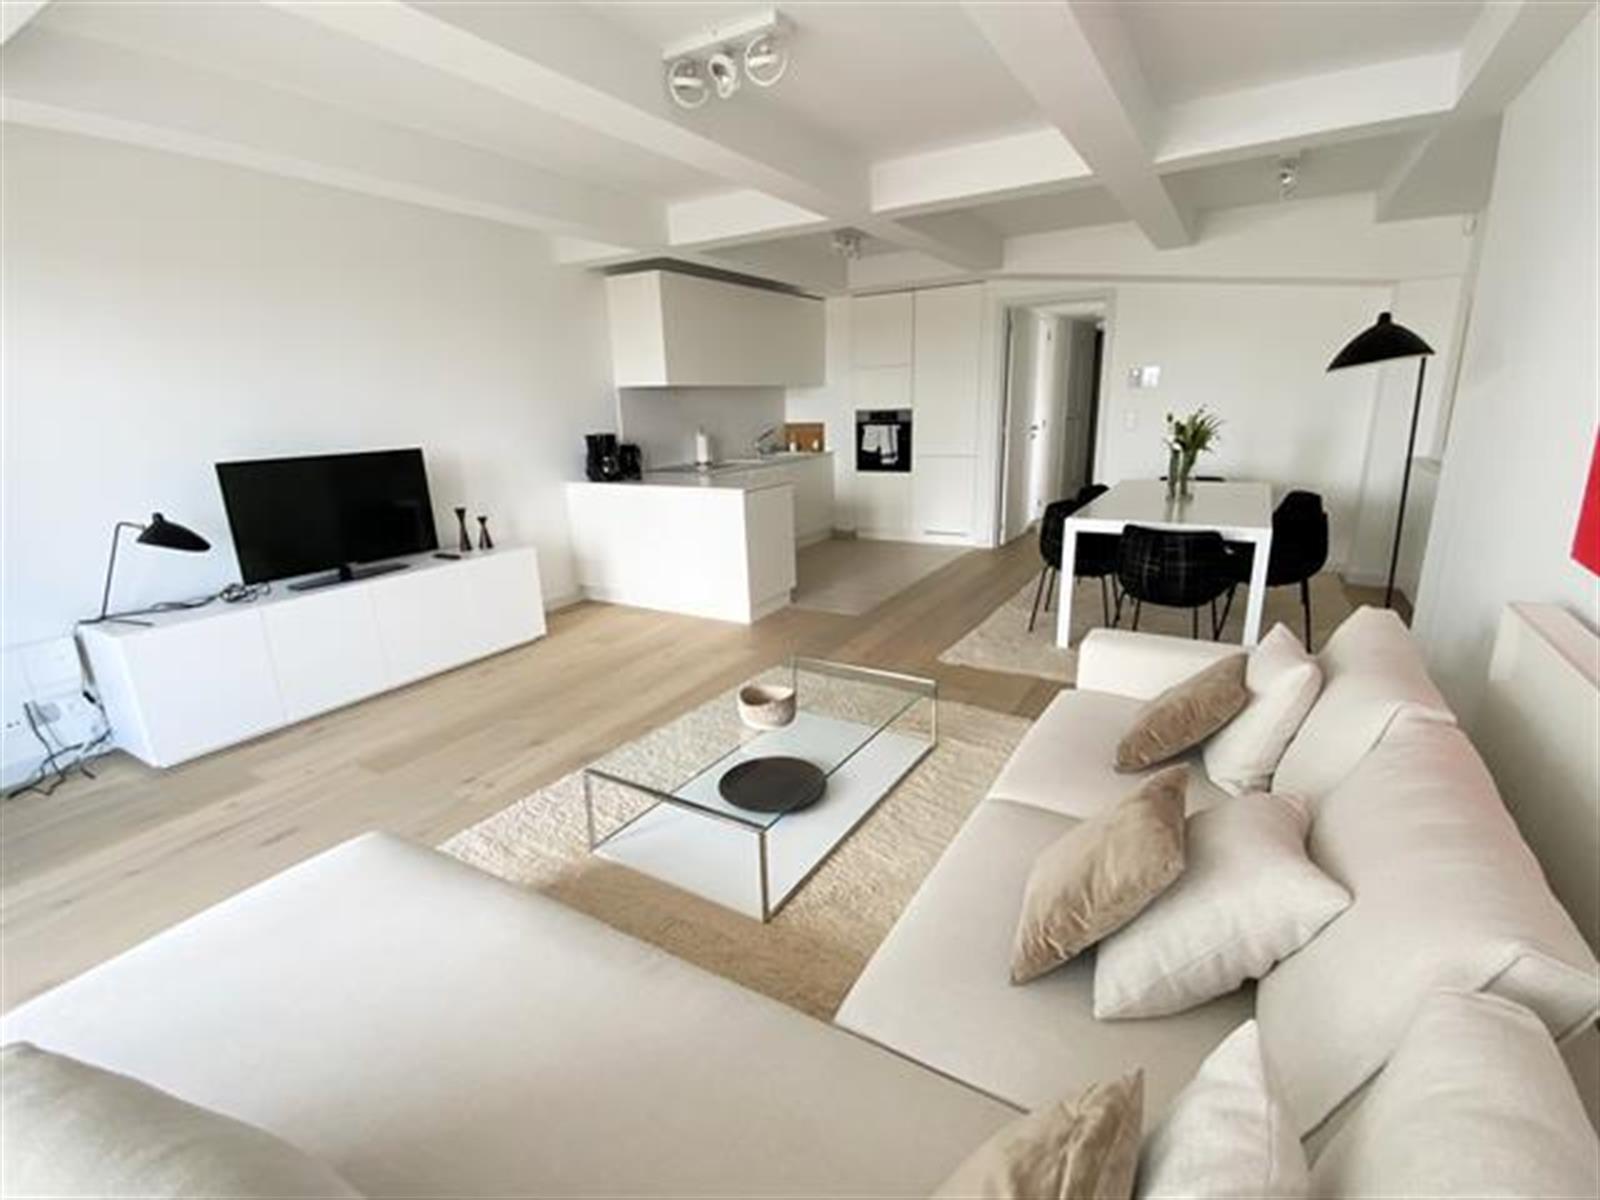 Flat - Ixelles - #4410787-1